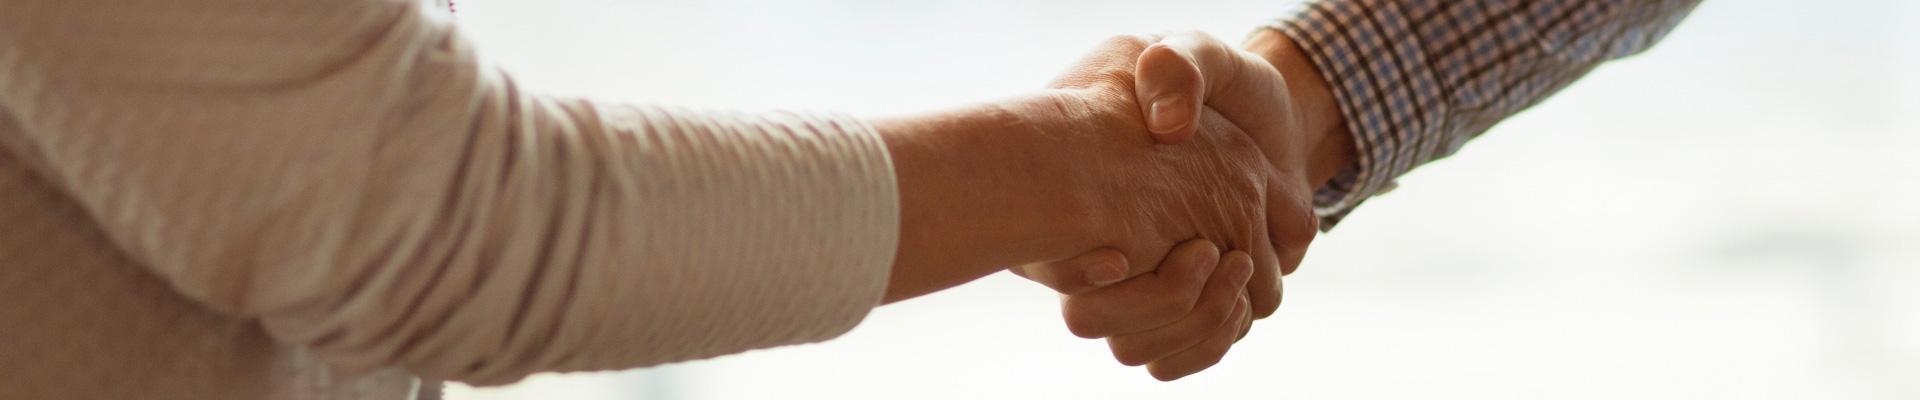 Ons doel: uw zakenrelatie behouden en uw geld incasseren.